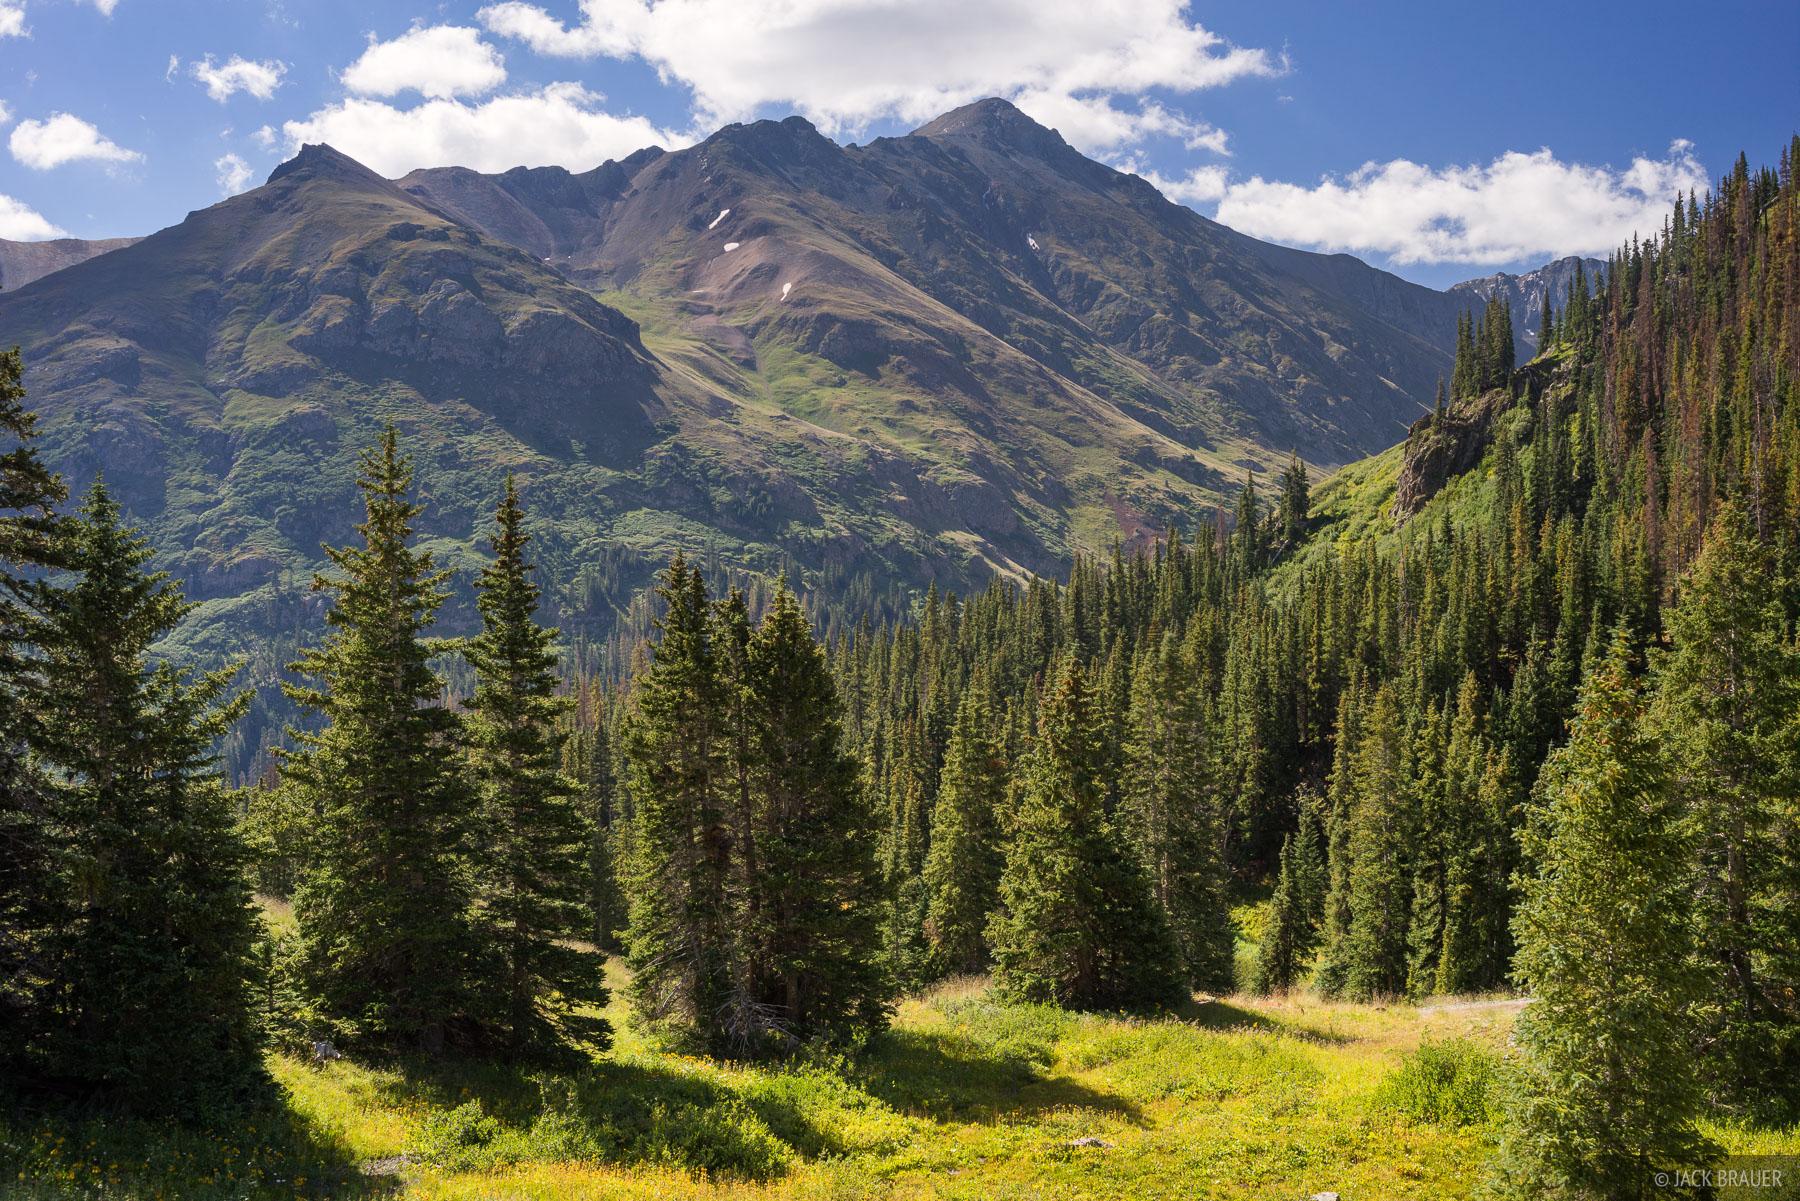 Handies Peak (14,053 ft.) as seen from north in late August.